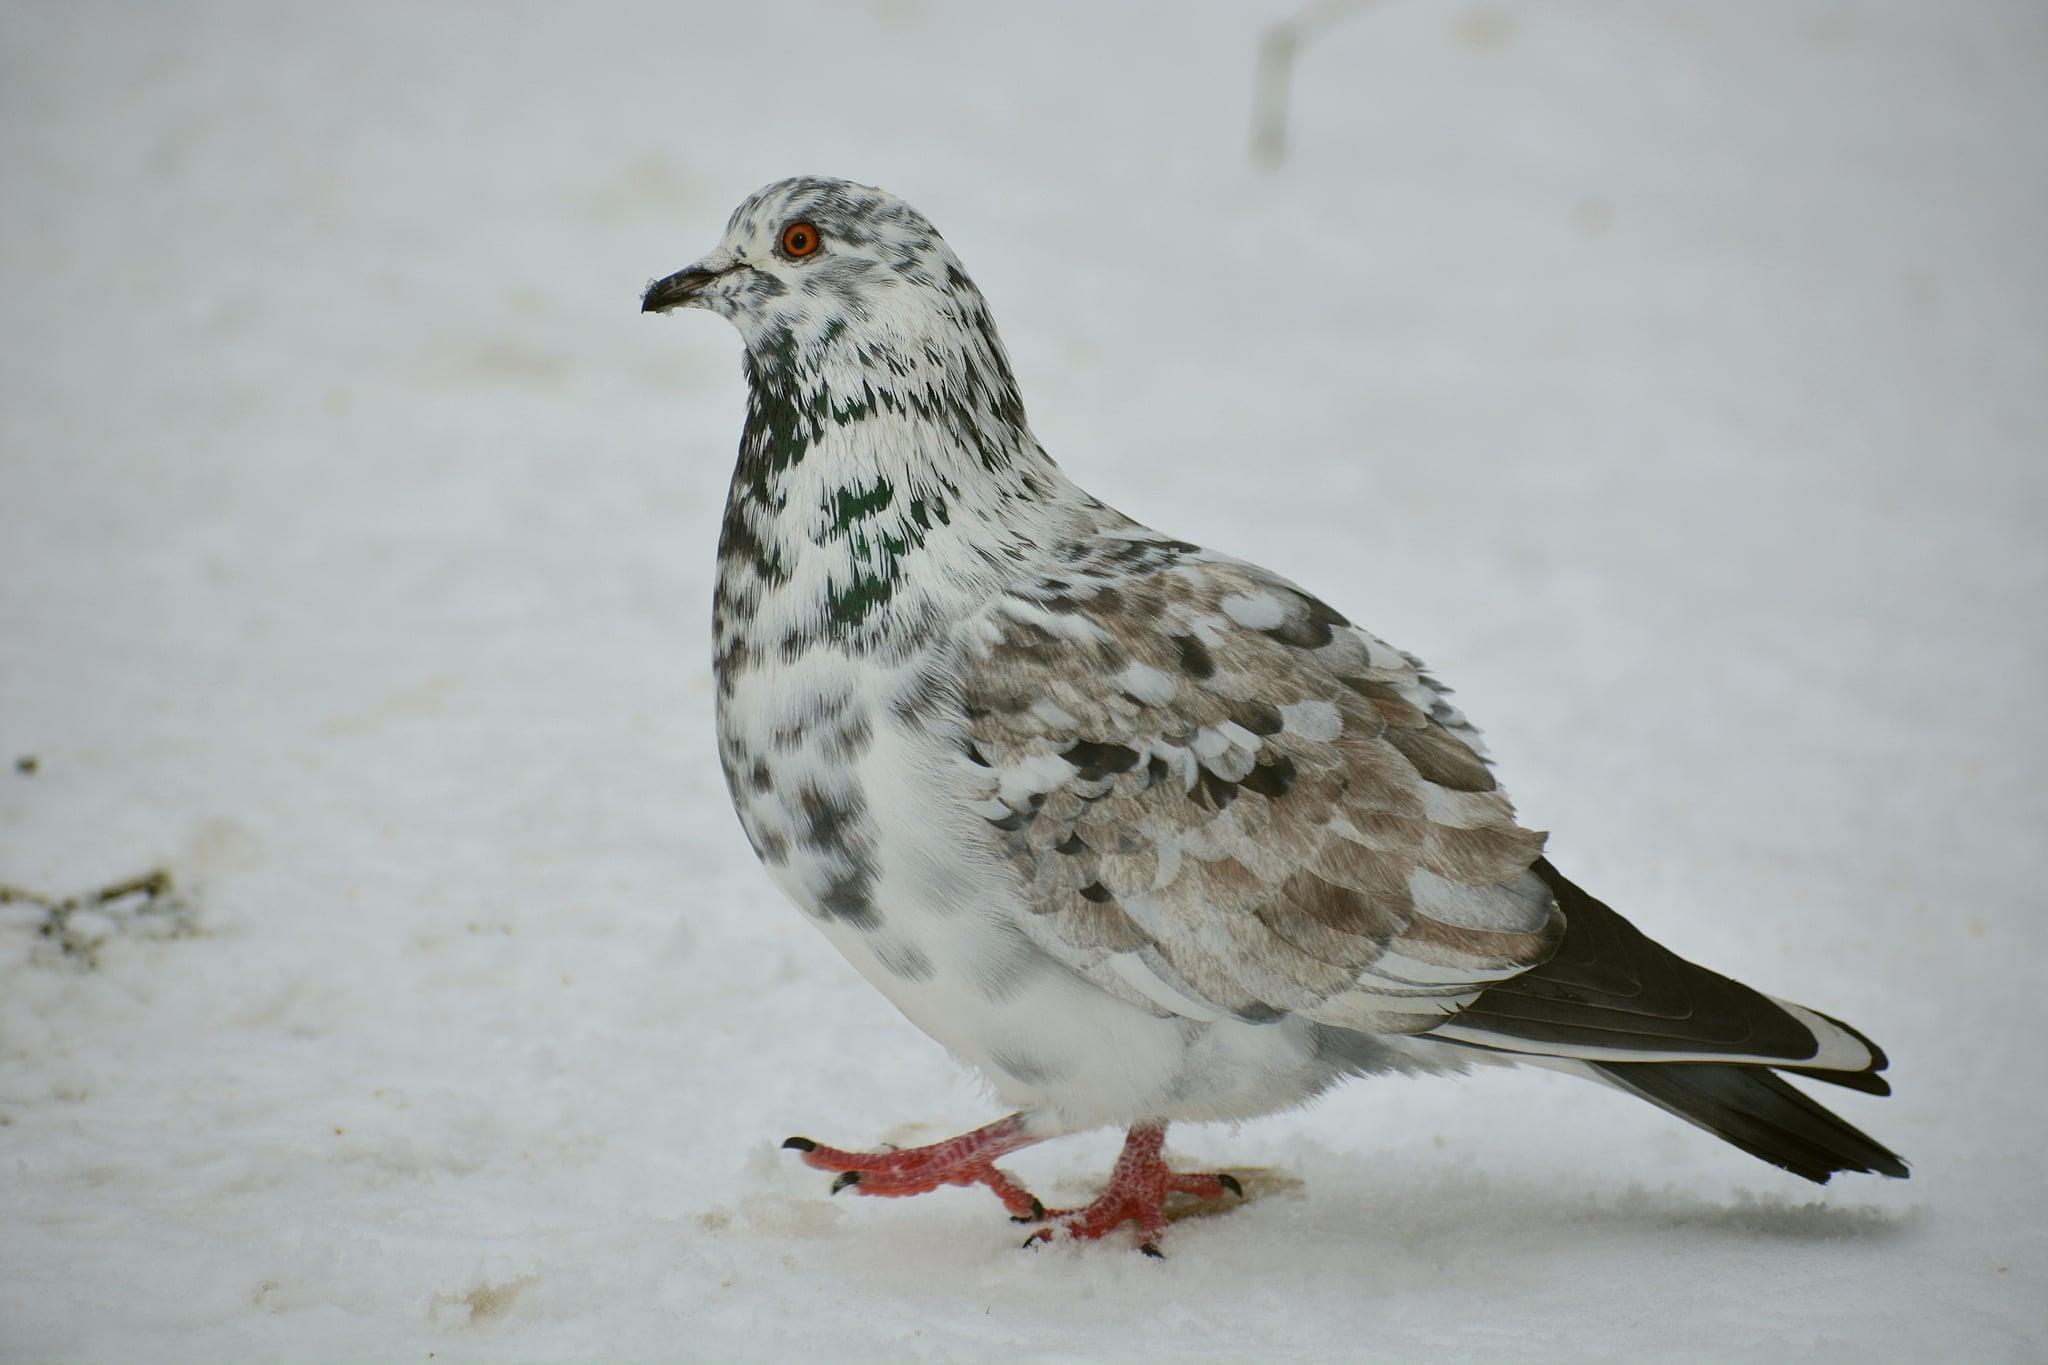 В Твери видели необычного голубя